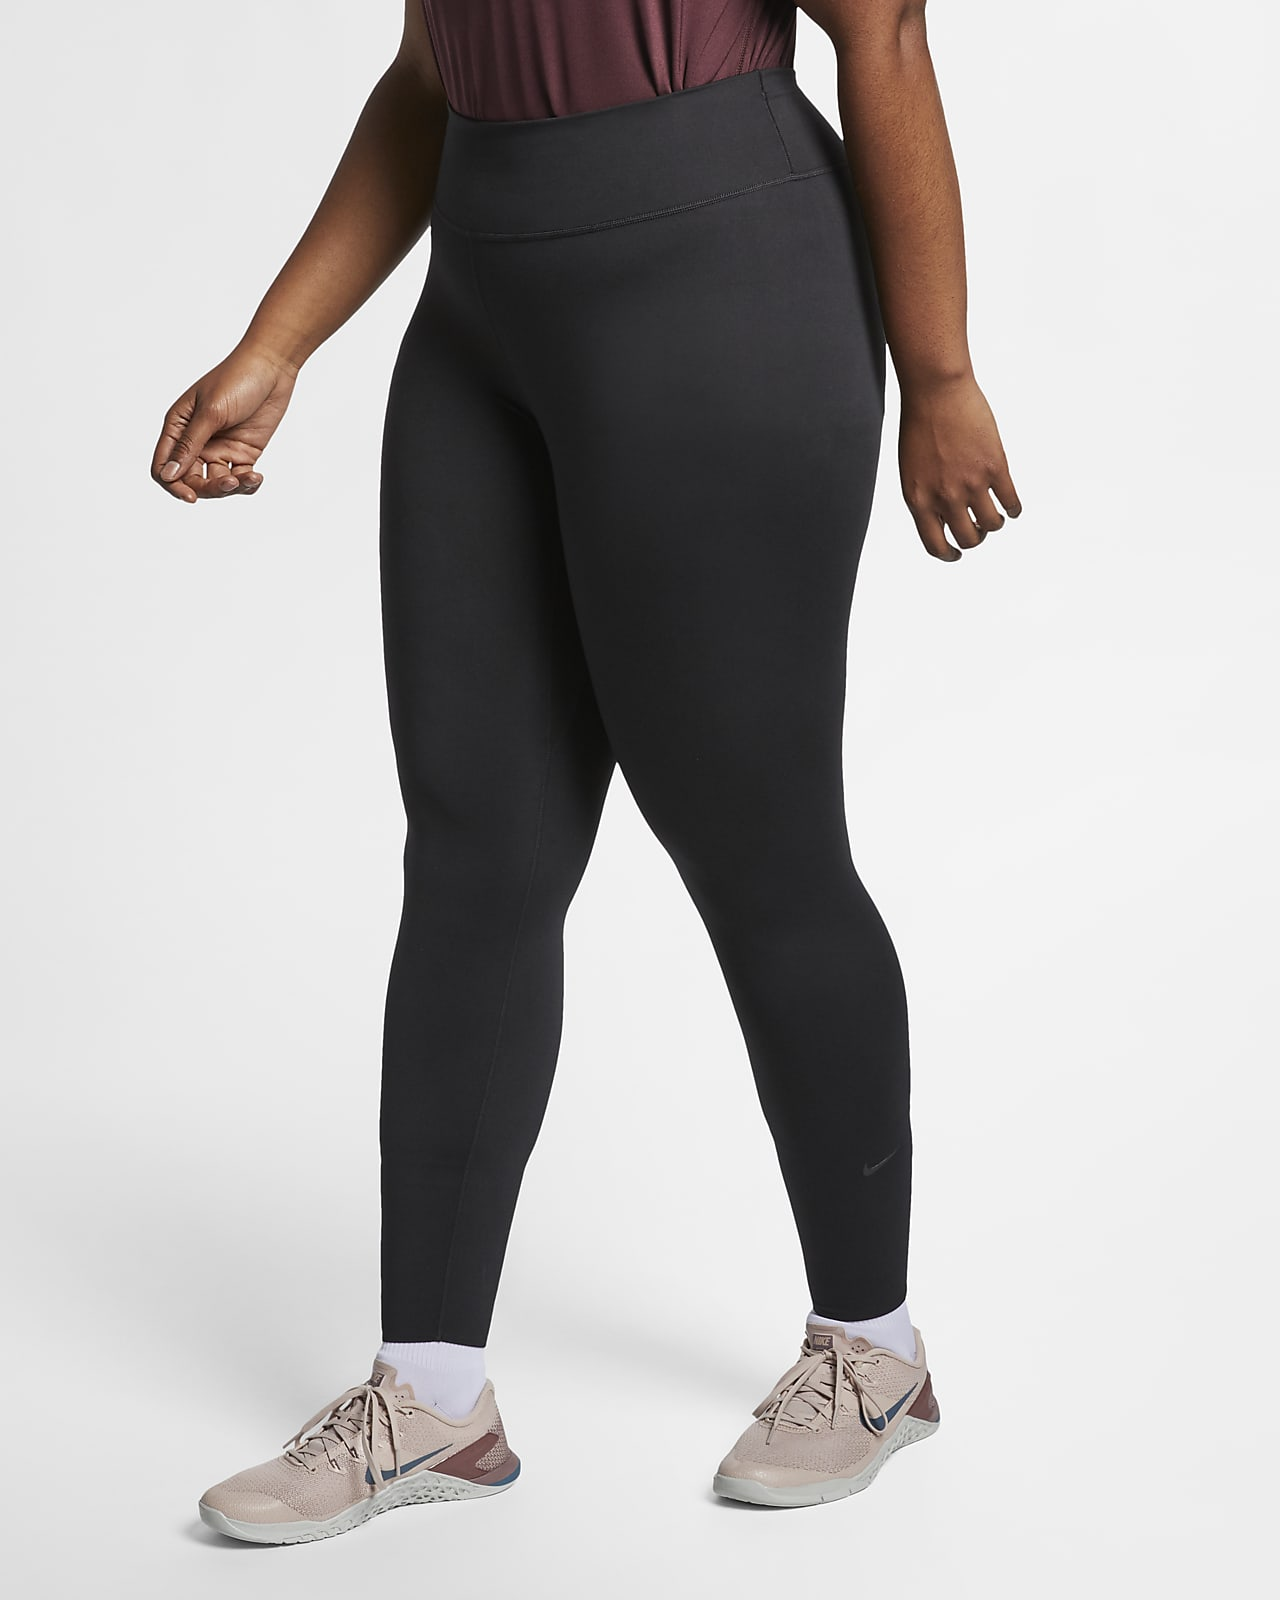 Nike One Luxe Women's Leggings (Plus Size)